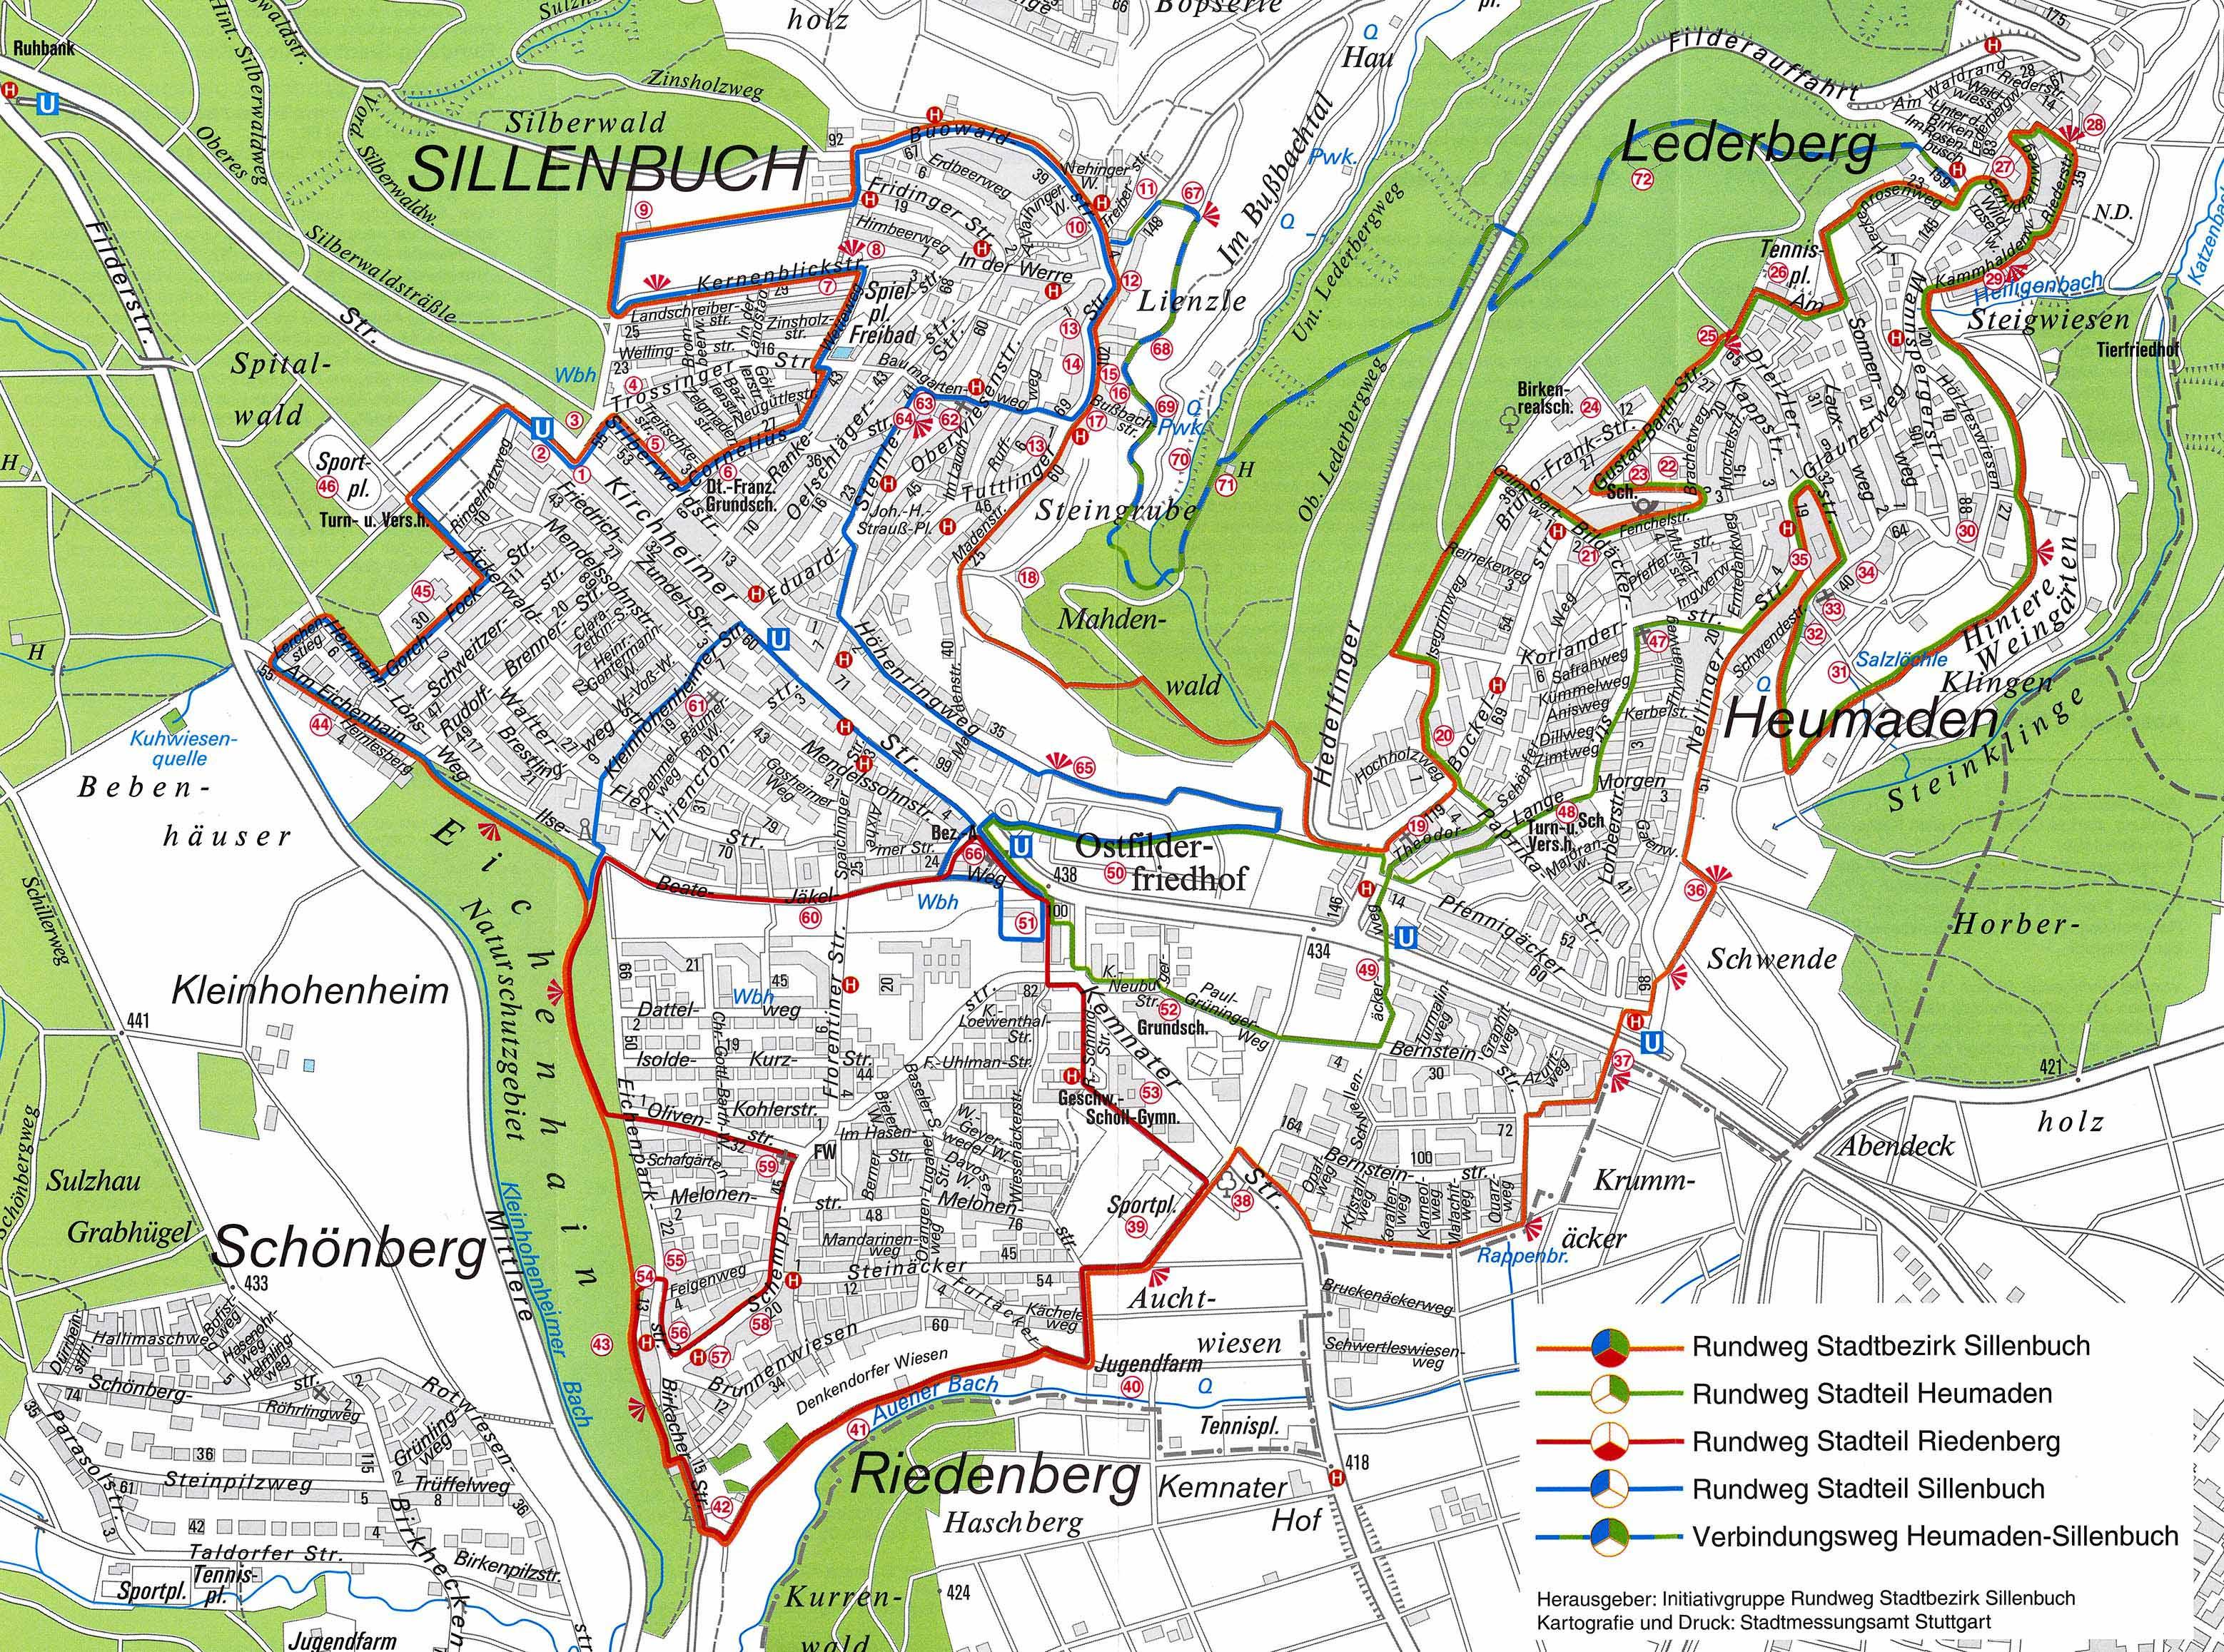 Rundwanderweg_14-11-12_web_